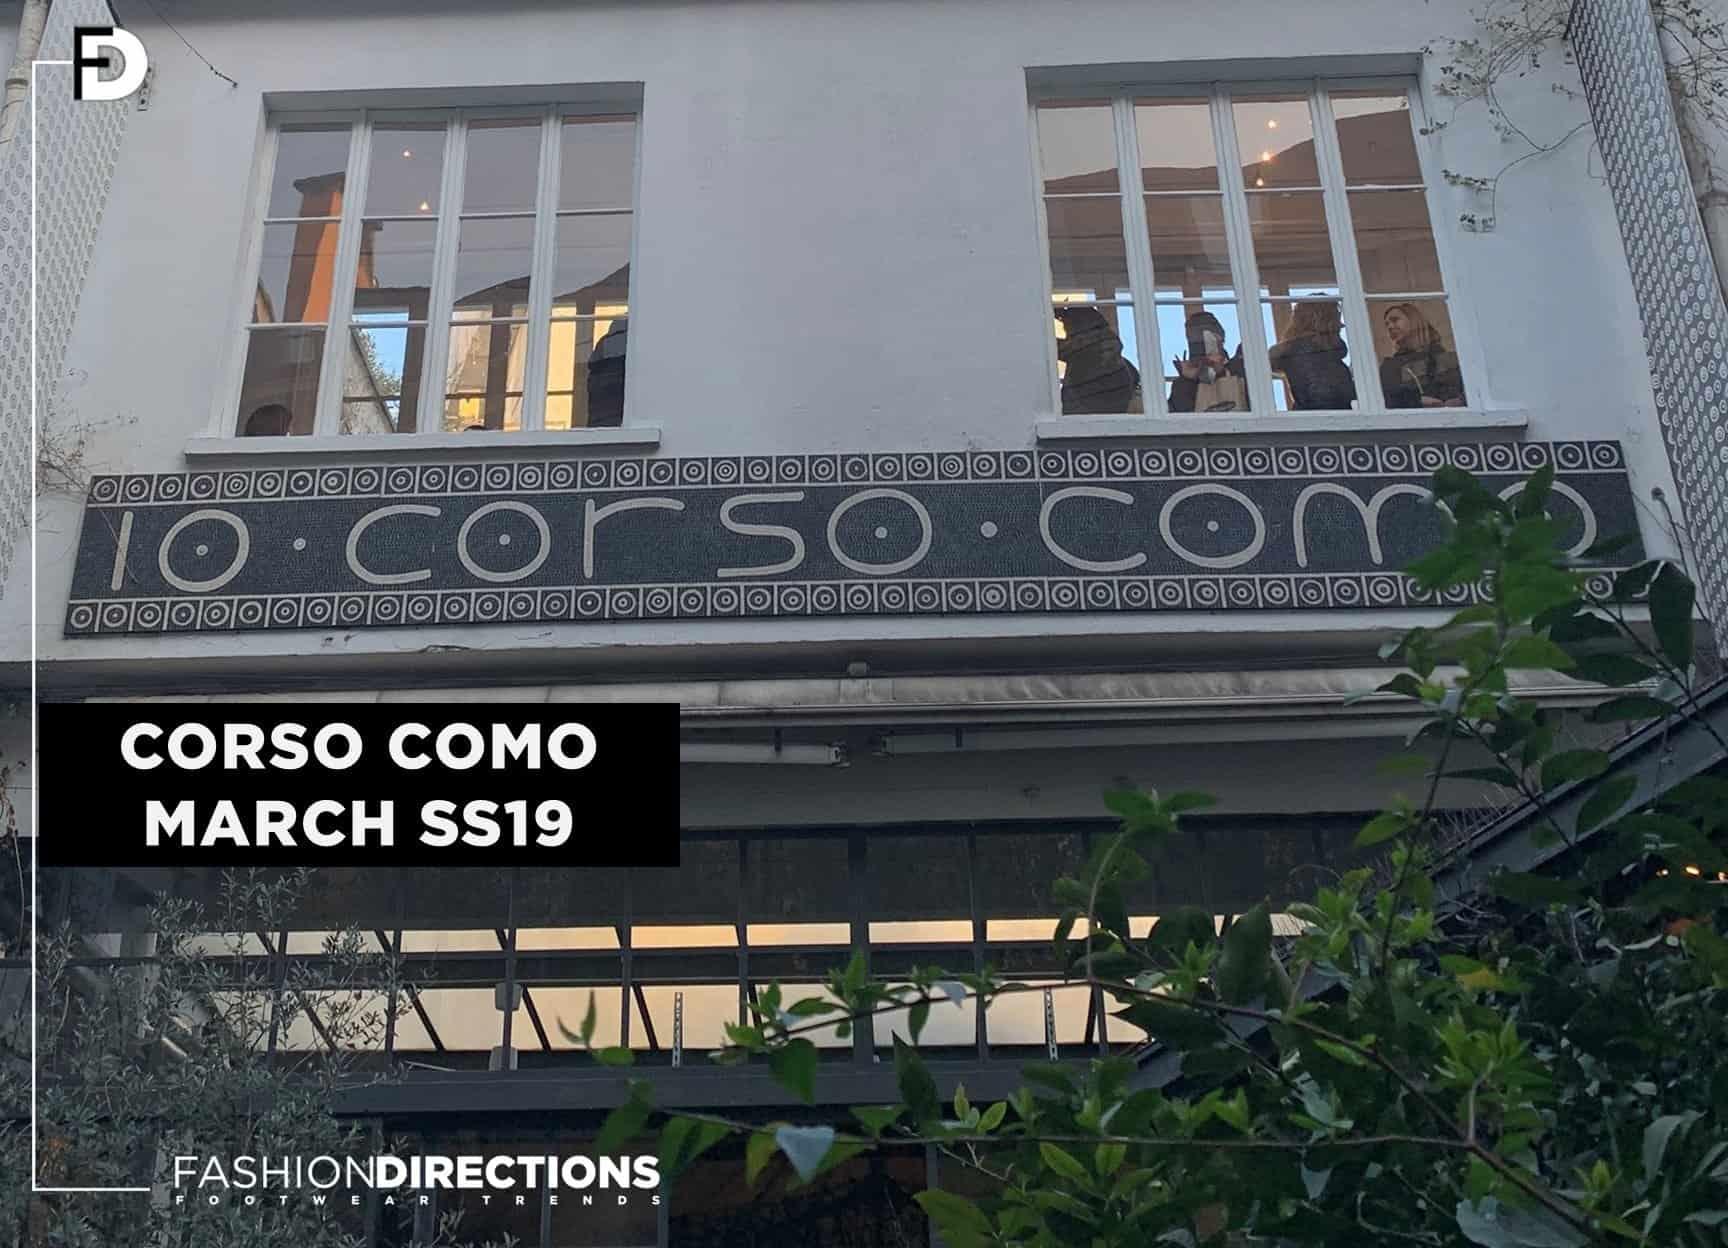 SS19 Shoes Corso Como Milano Retail Stores 1